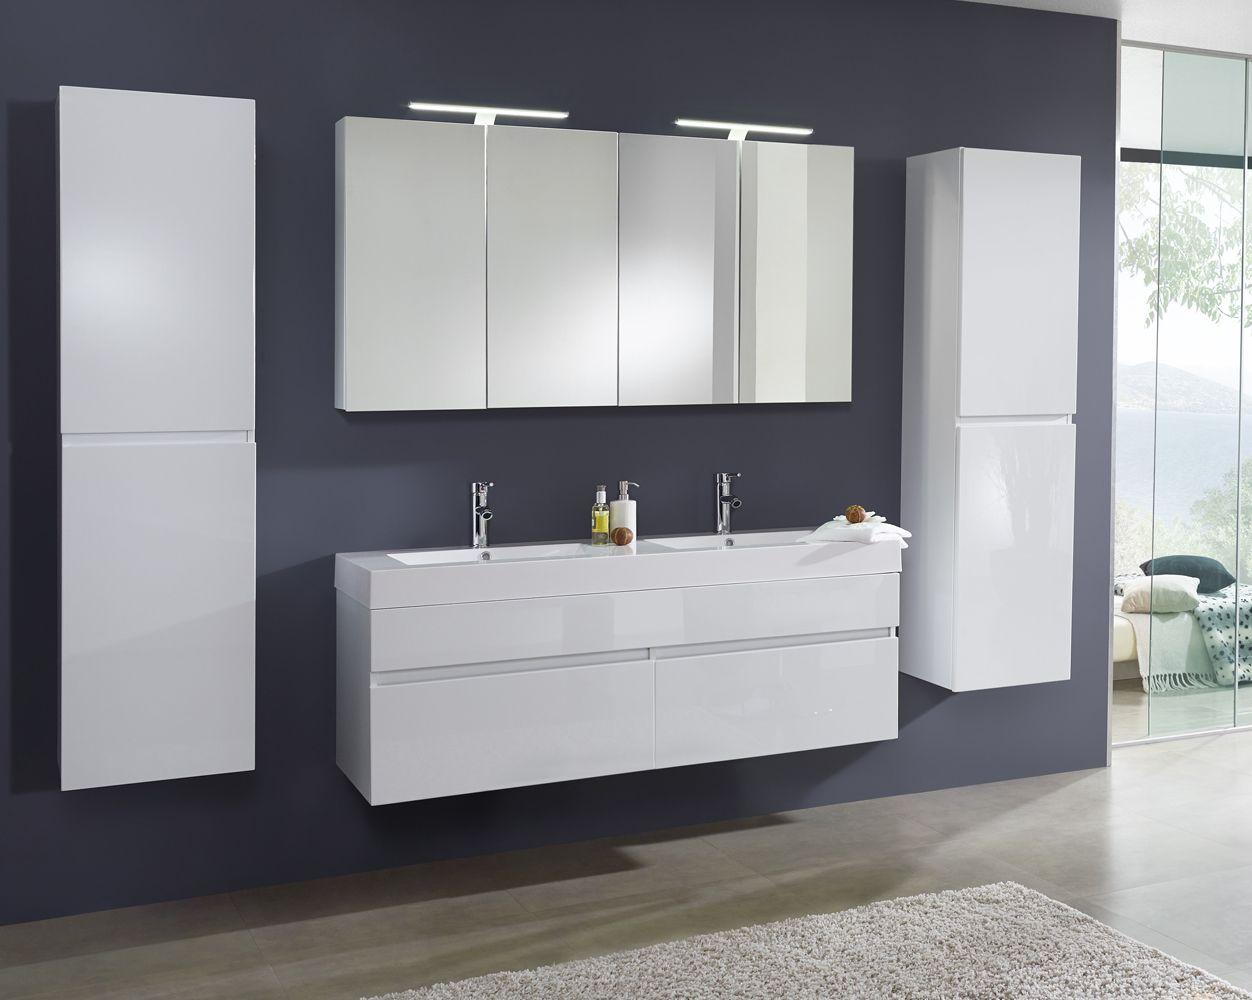 Badezimmer ideen halb geflieste wände badmöbelset prometheus deluxe  hochglanz weiß tlg